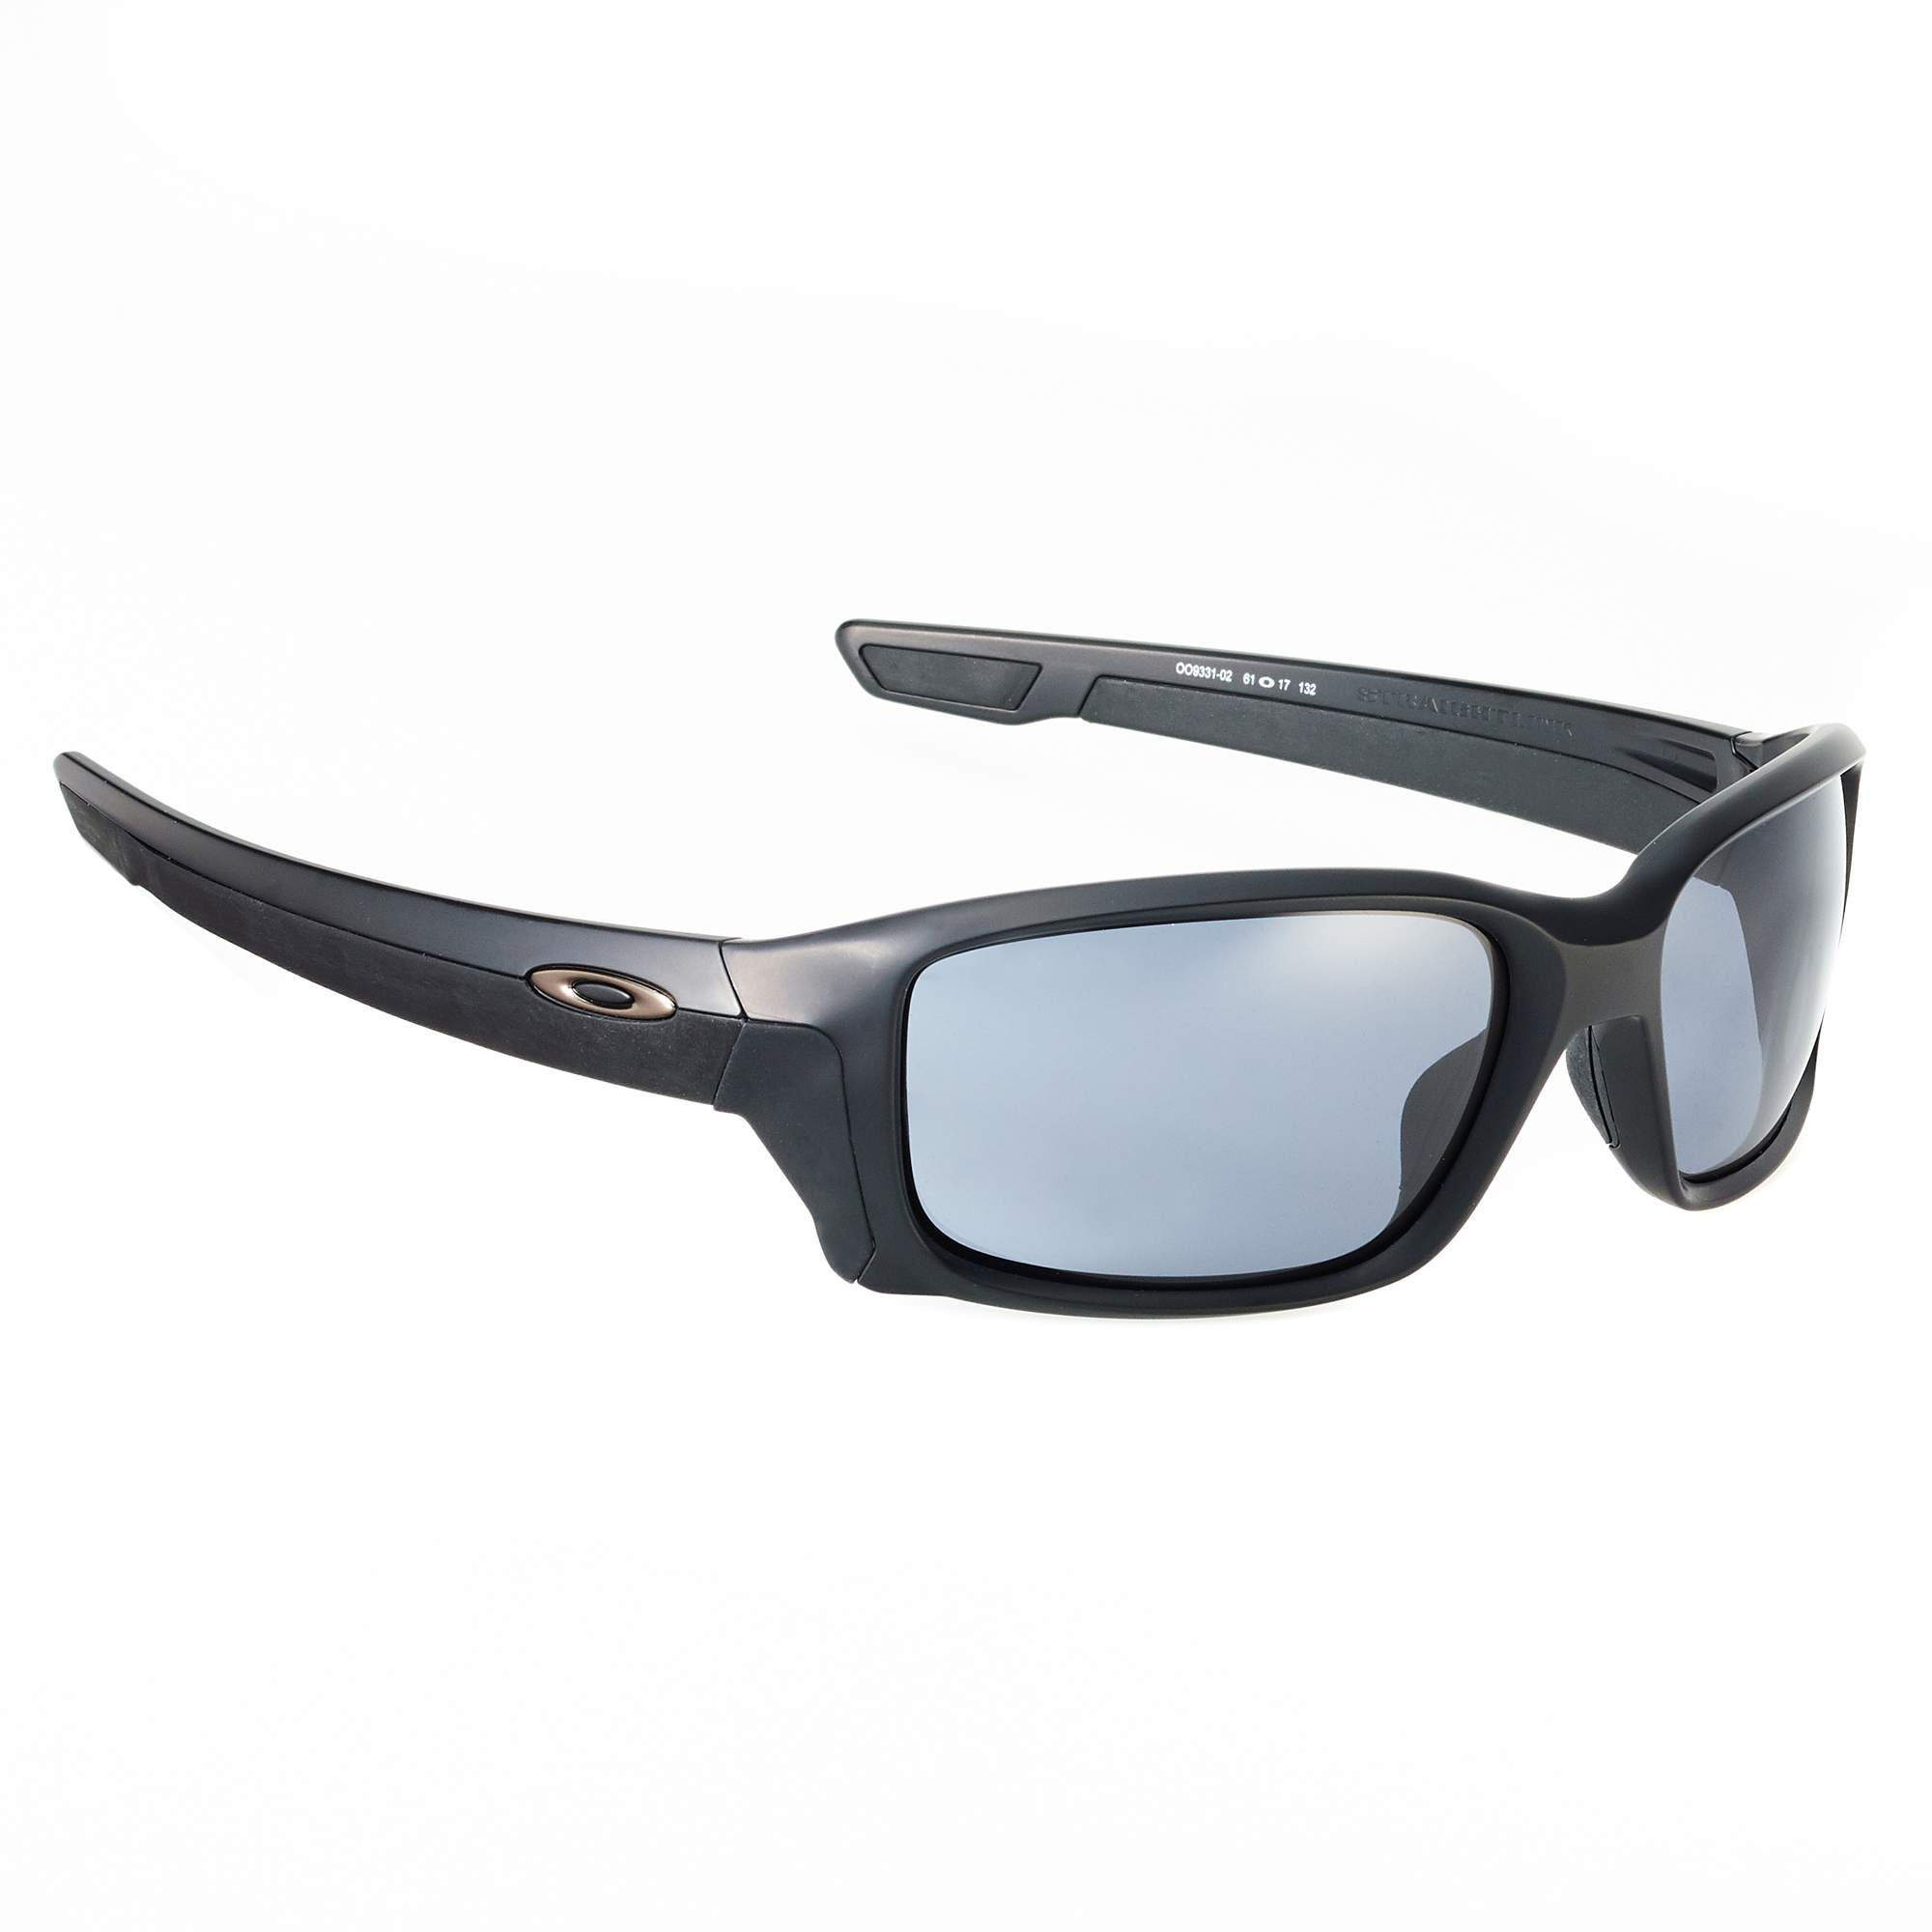 2c7f92cdc3 Oakley Straight Link Sunglasses preta 829oqDaW. Oakley Schwarz